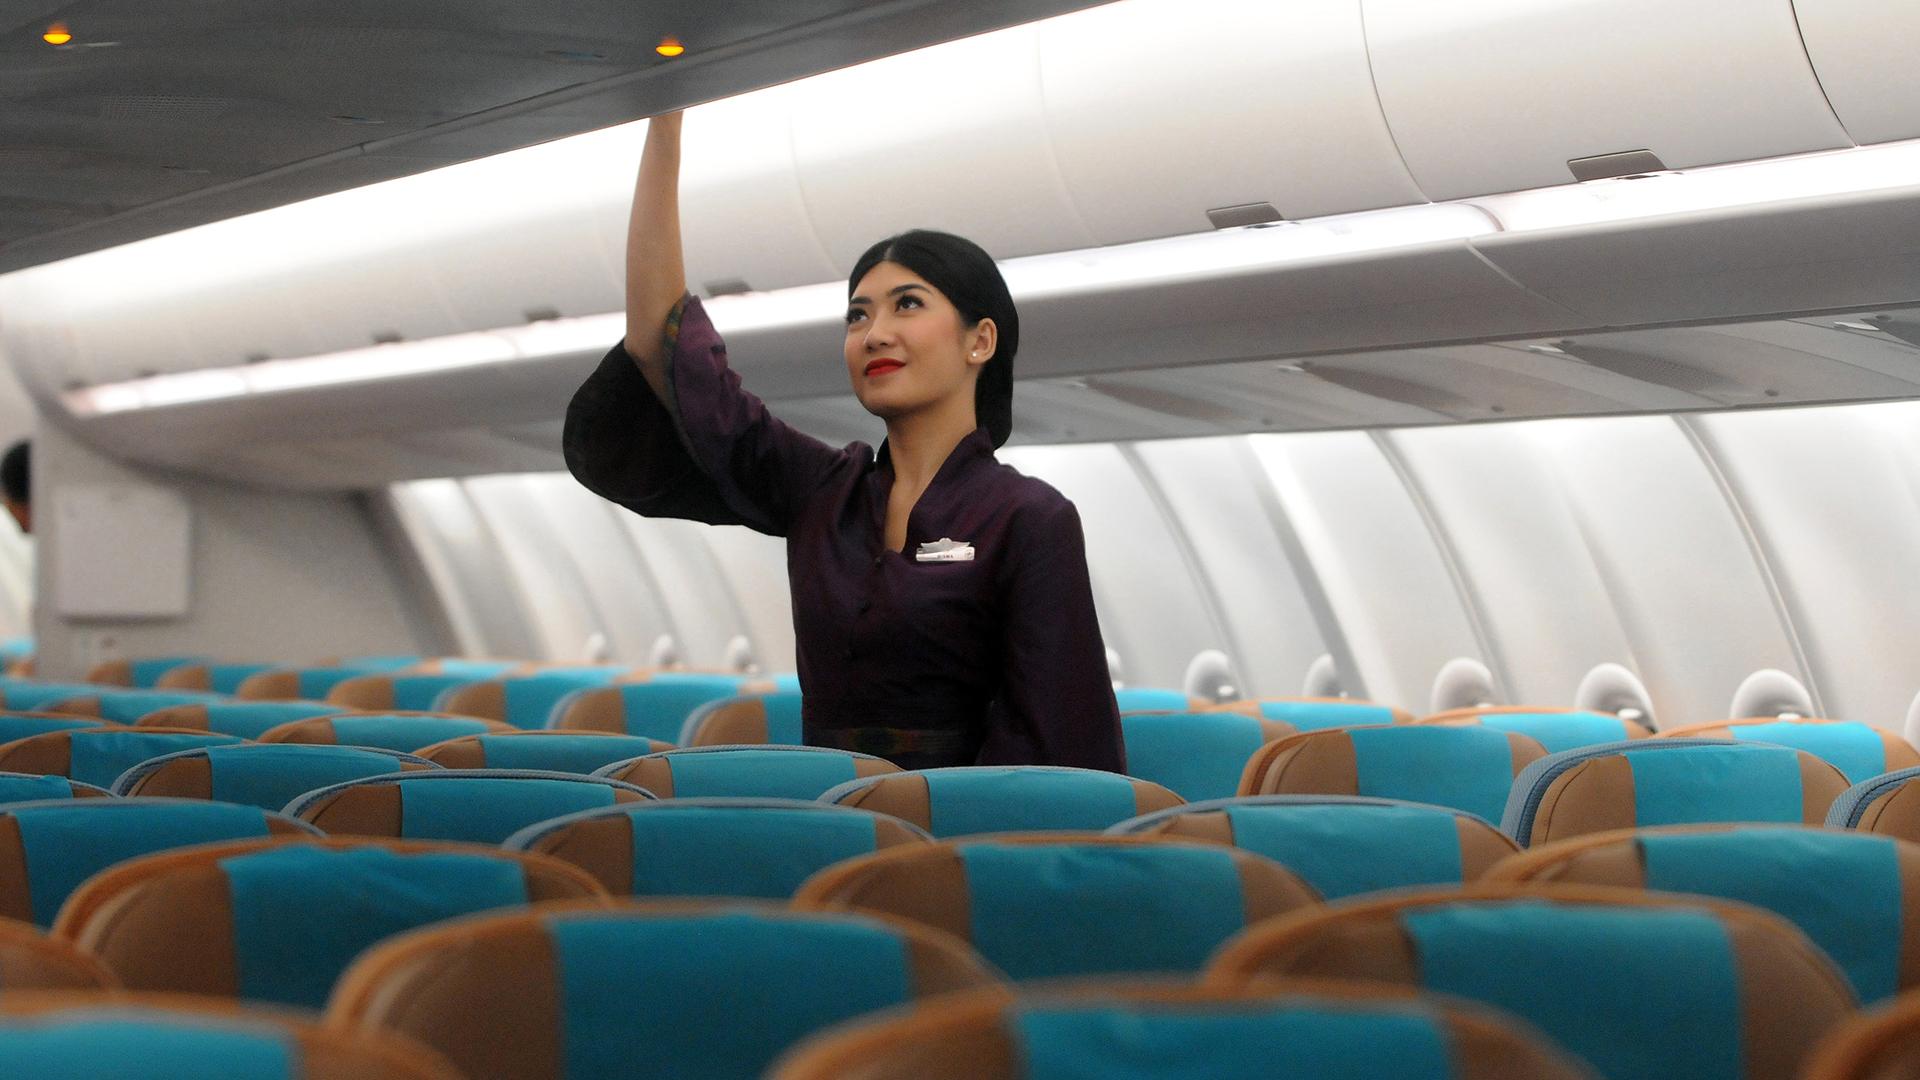 Megtiltják a maszkviselést a légikísérőknek egy légitársaság repülőgépein